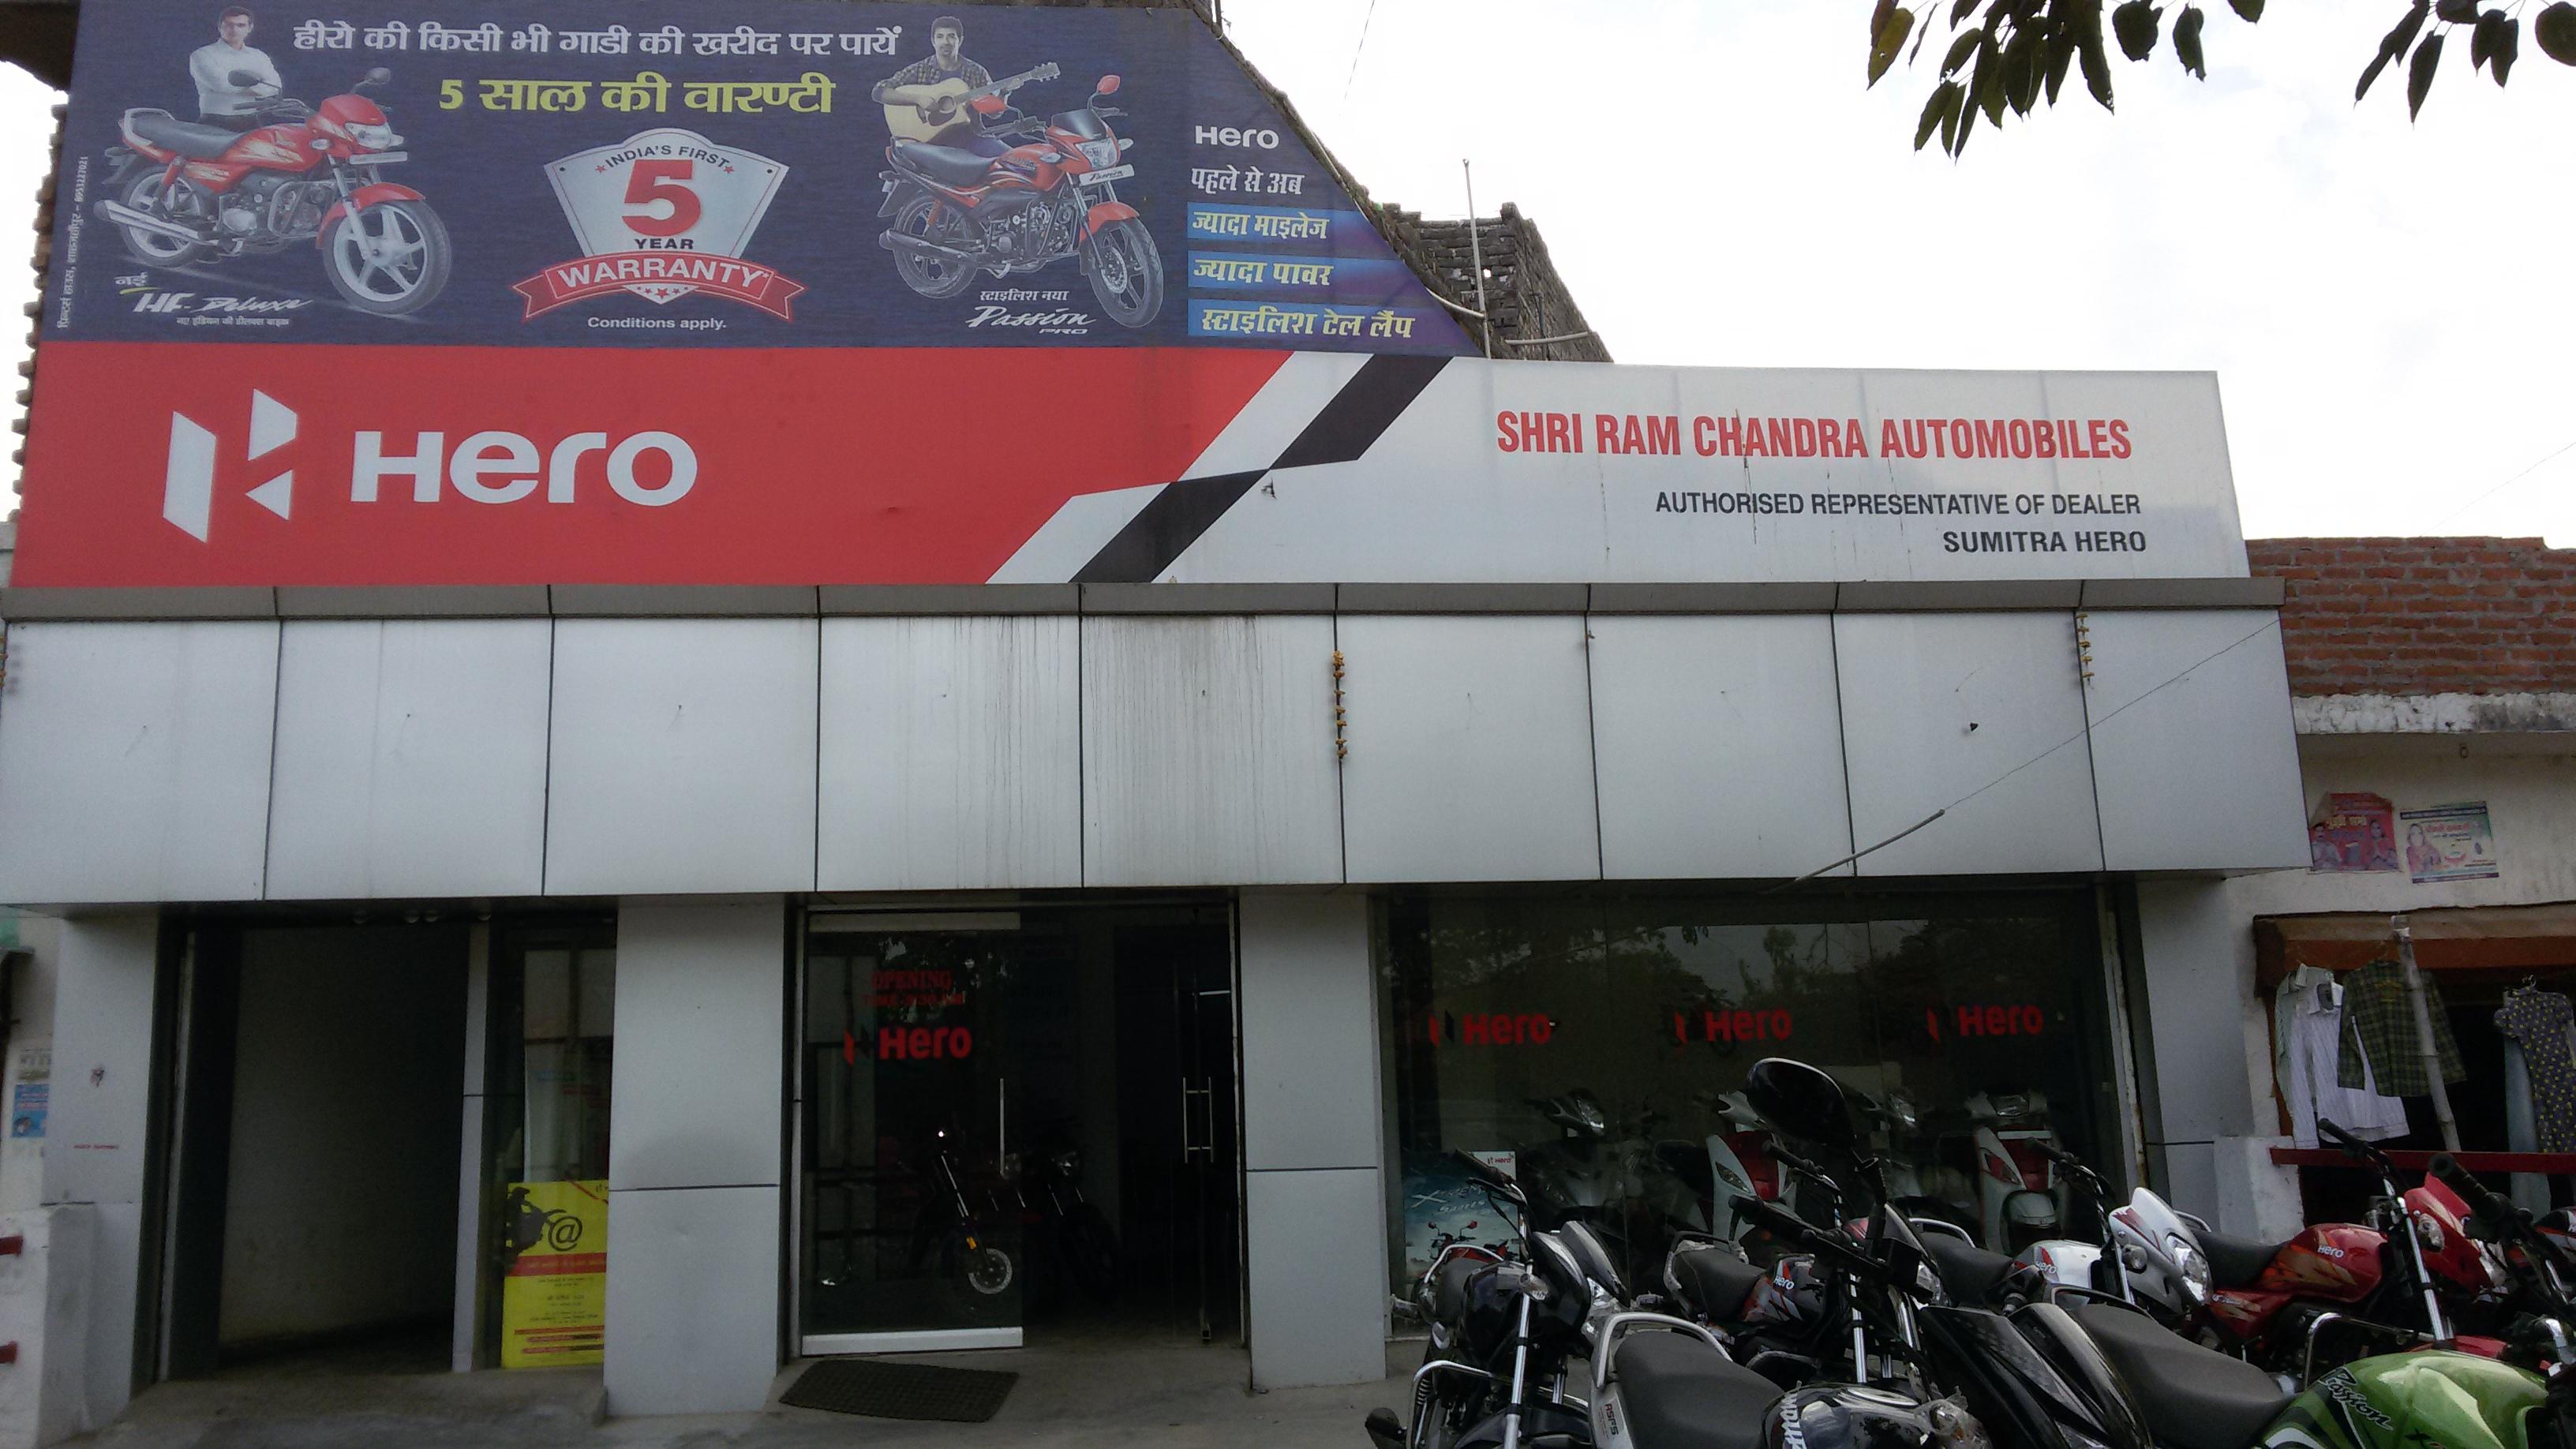 Shri Ram Chandra Automobiles